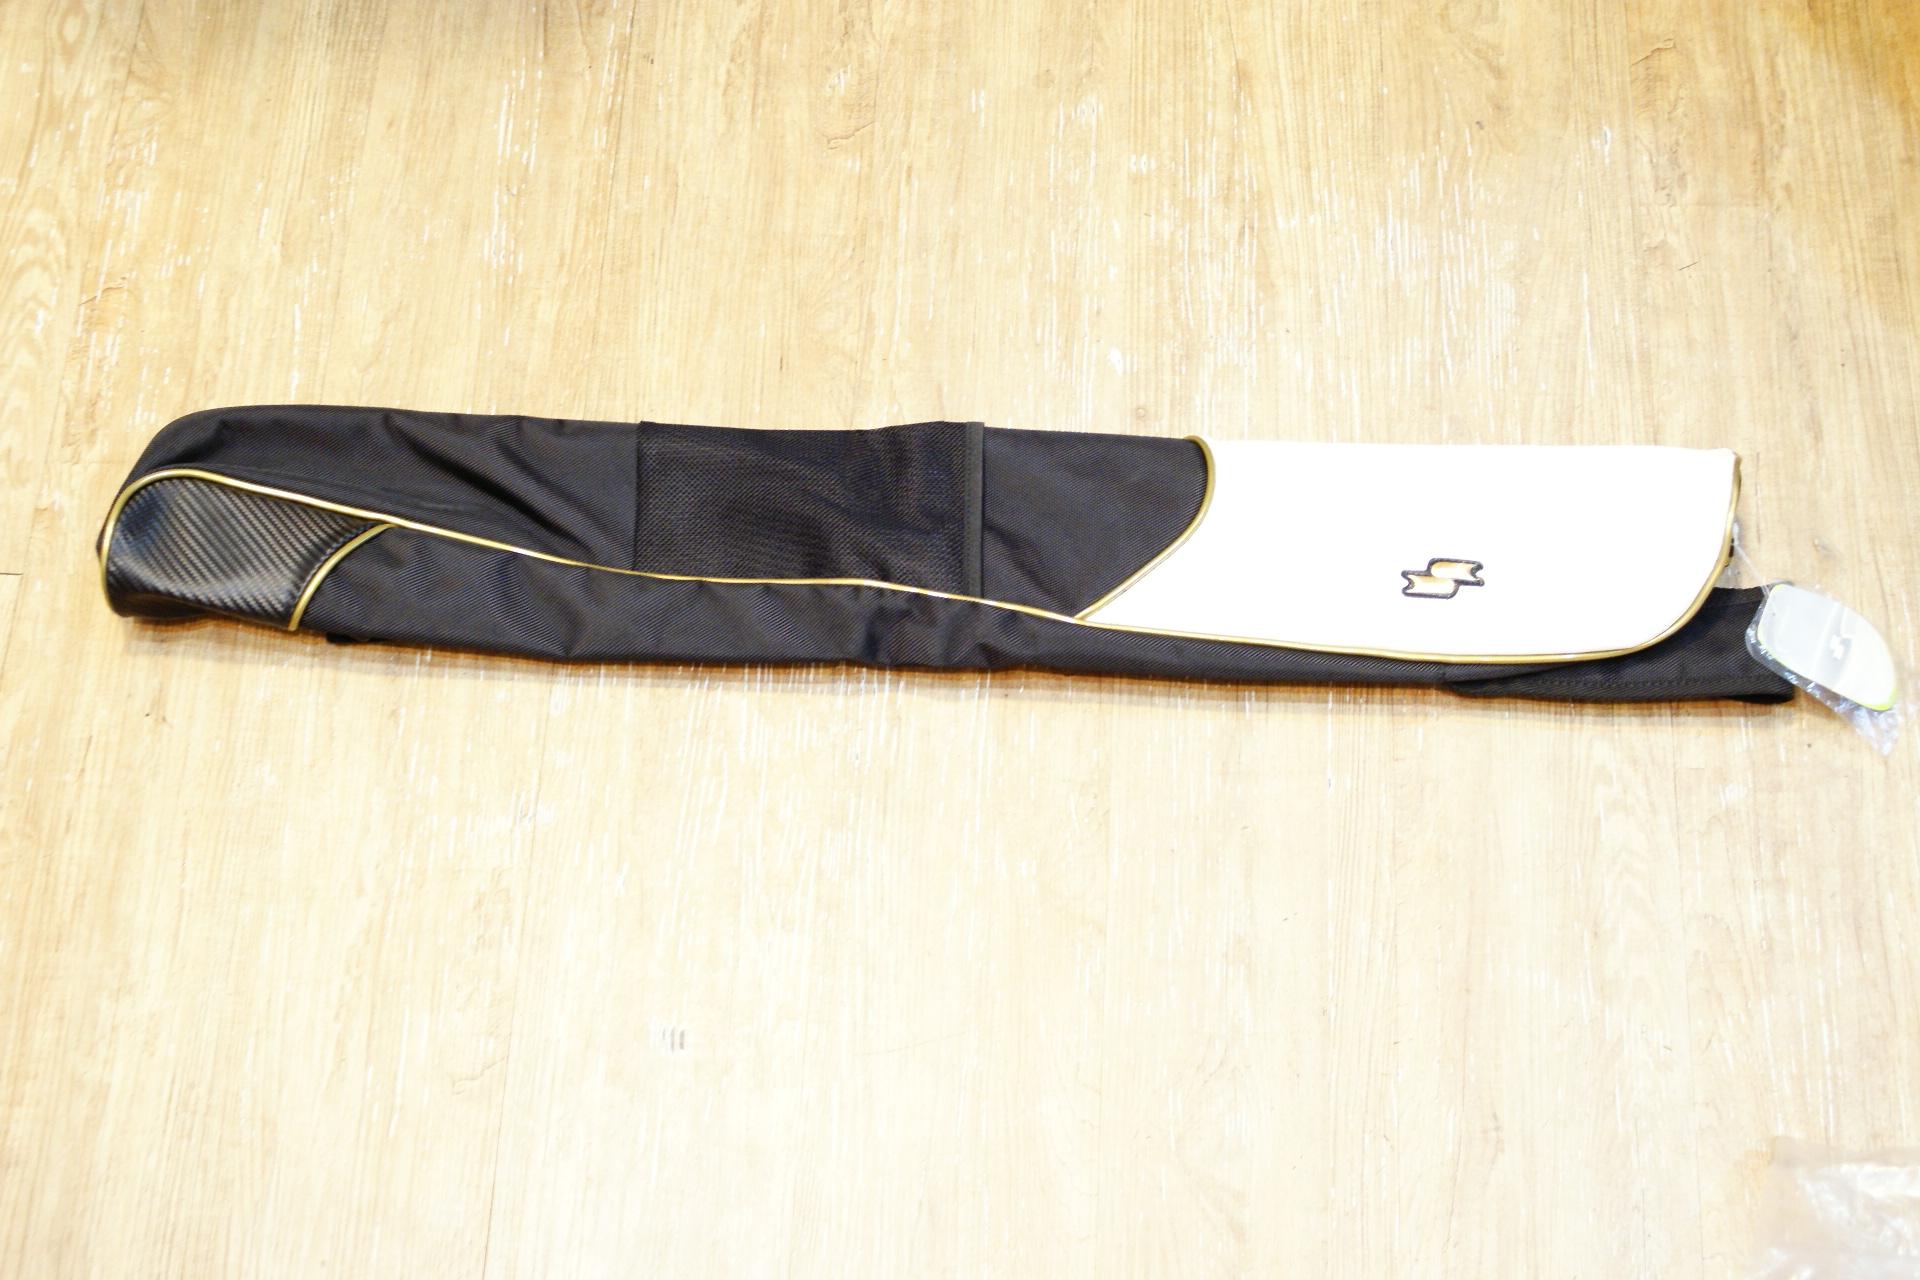 棒球世界全新SSK日本進口高質感單支裝球棒袋 黑金配色 特價